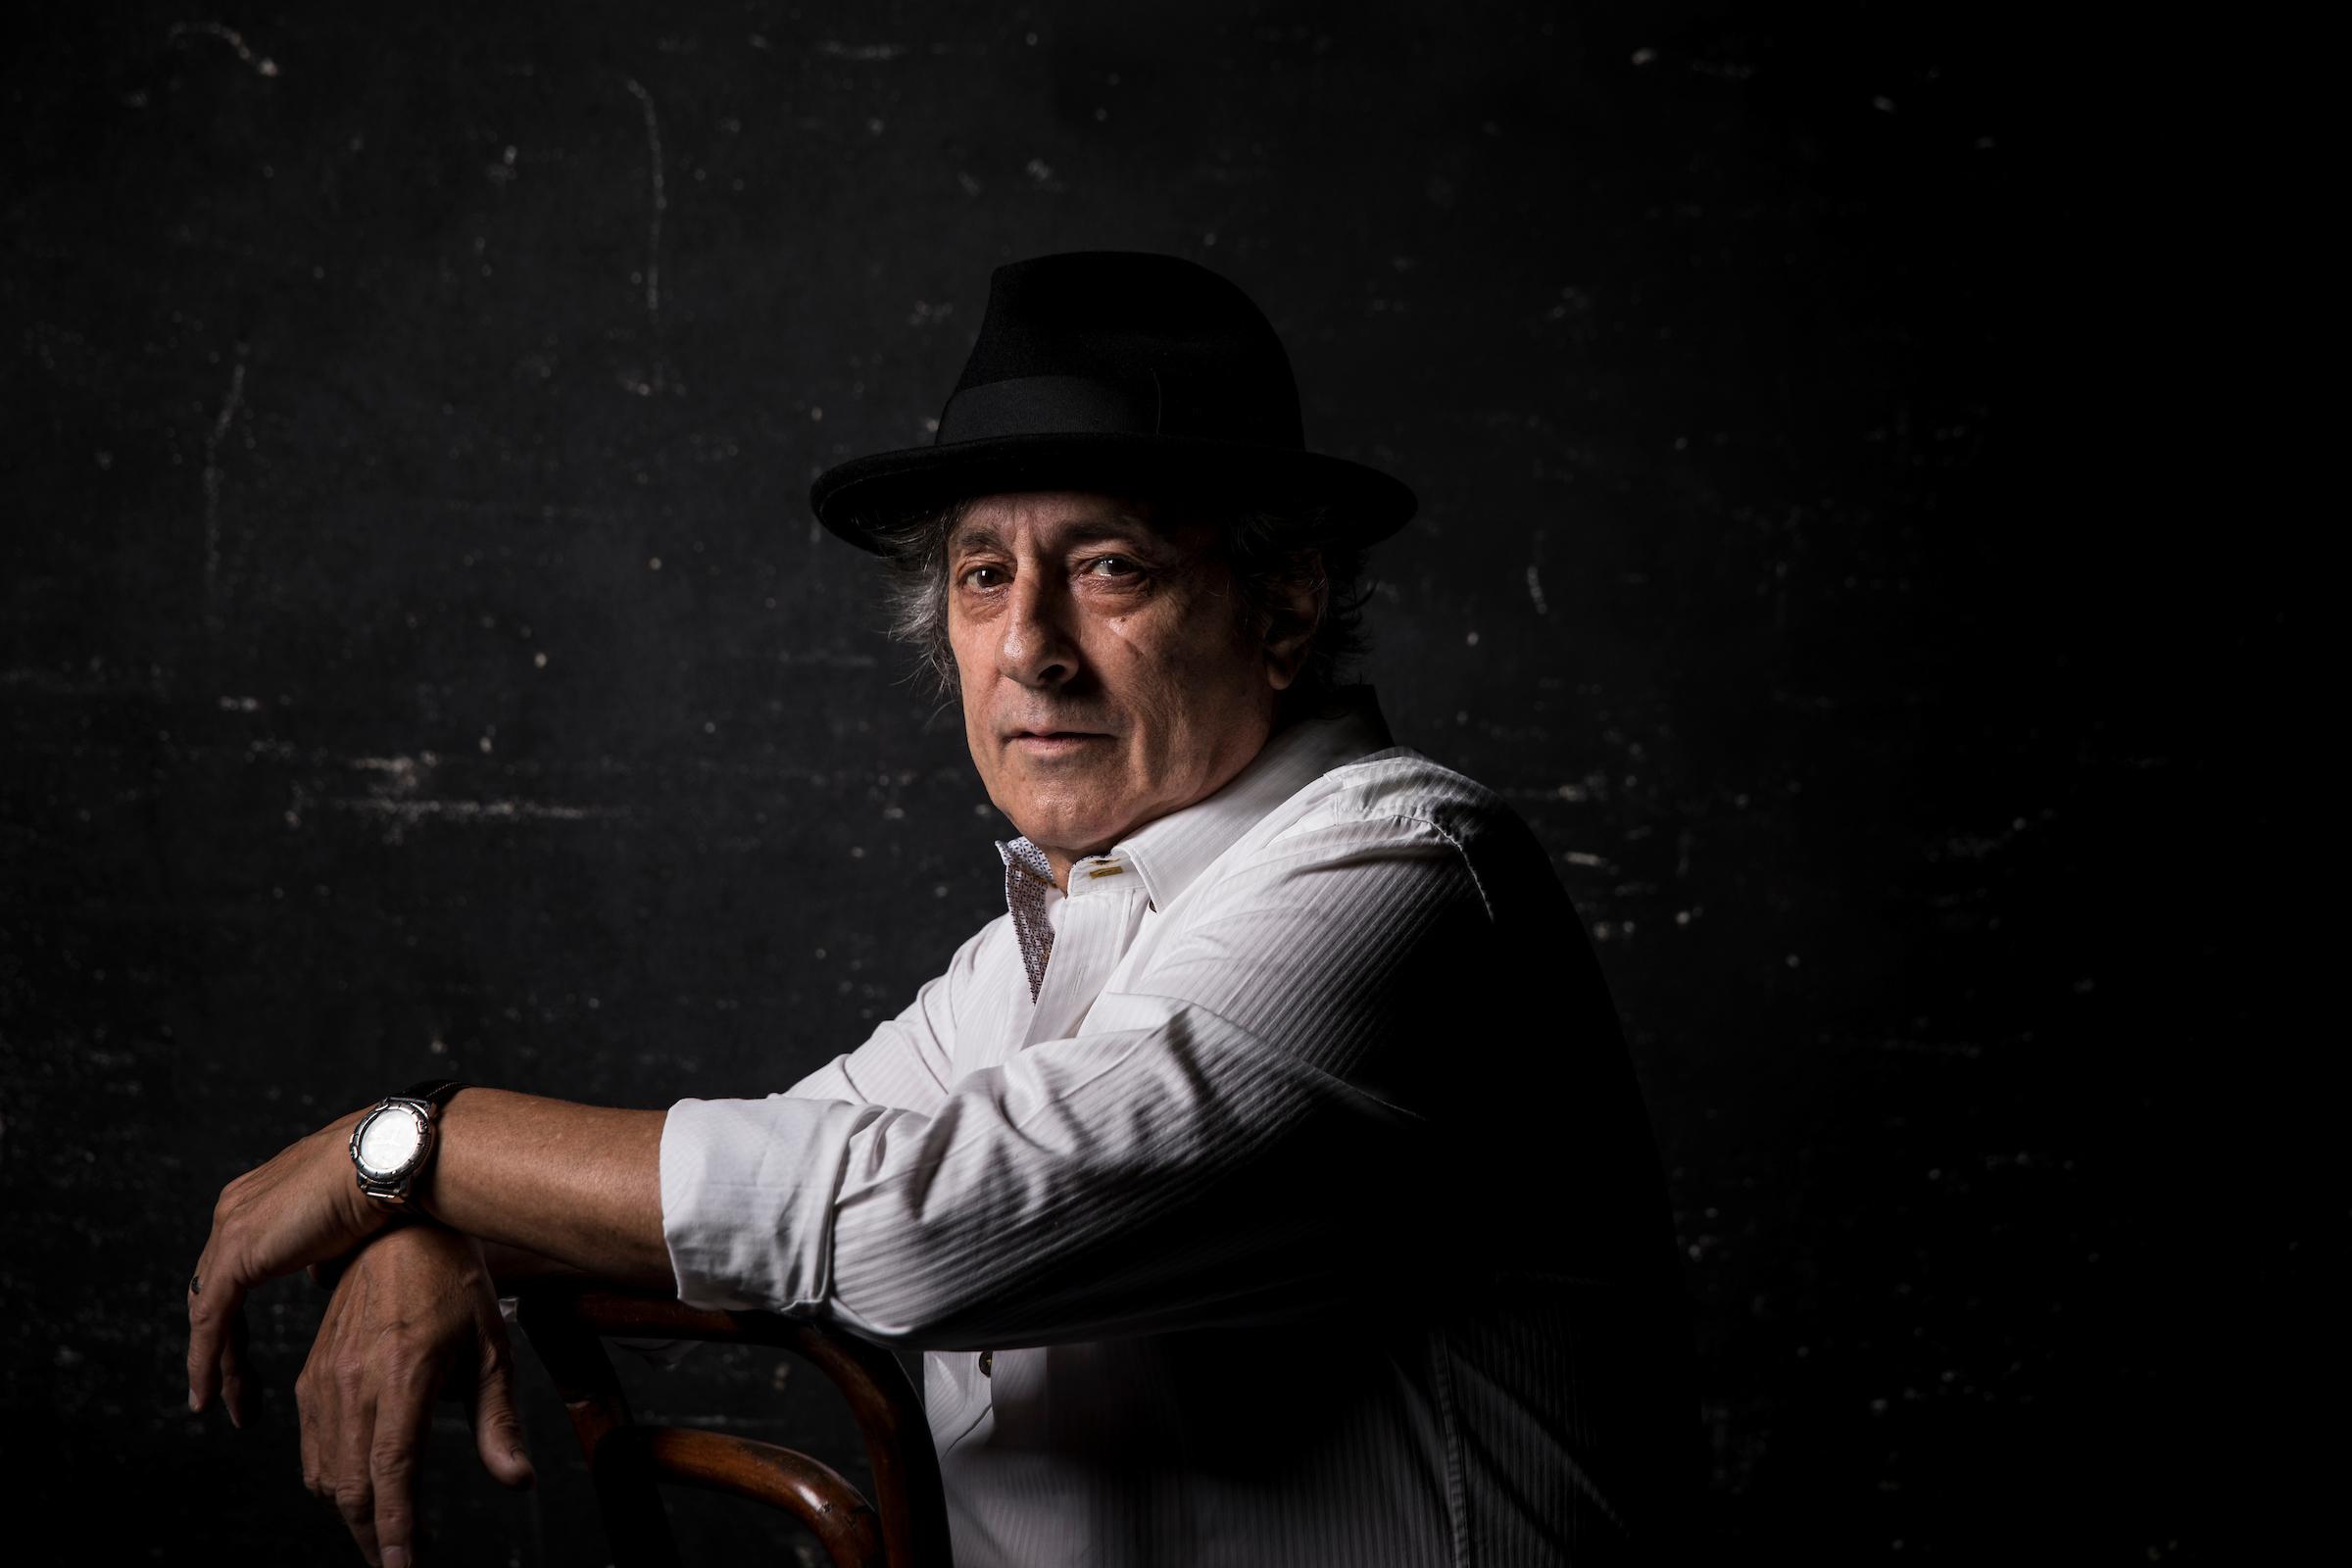 """Entrevista. Jorge Palma: """"A informação em geral tem uma visão muito desfocada da realidade global"""""""